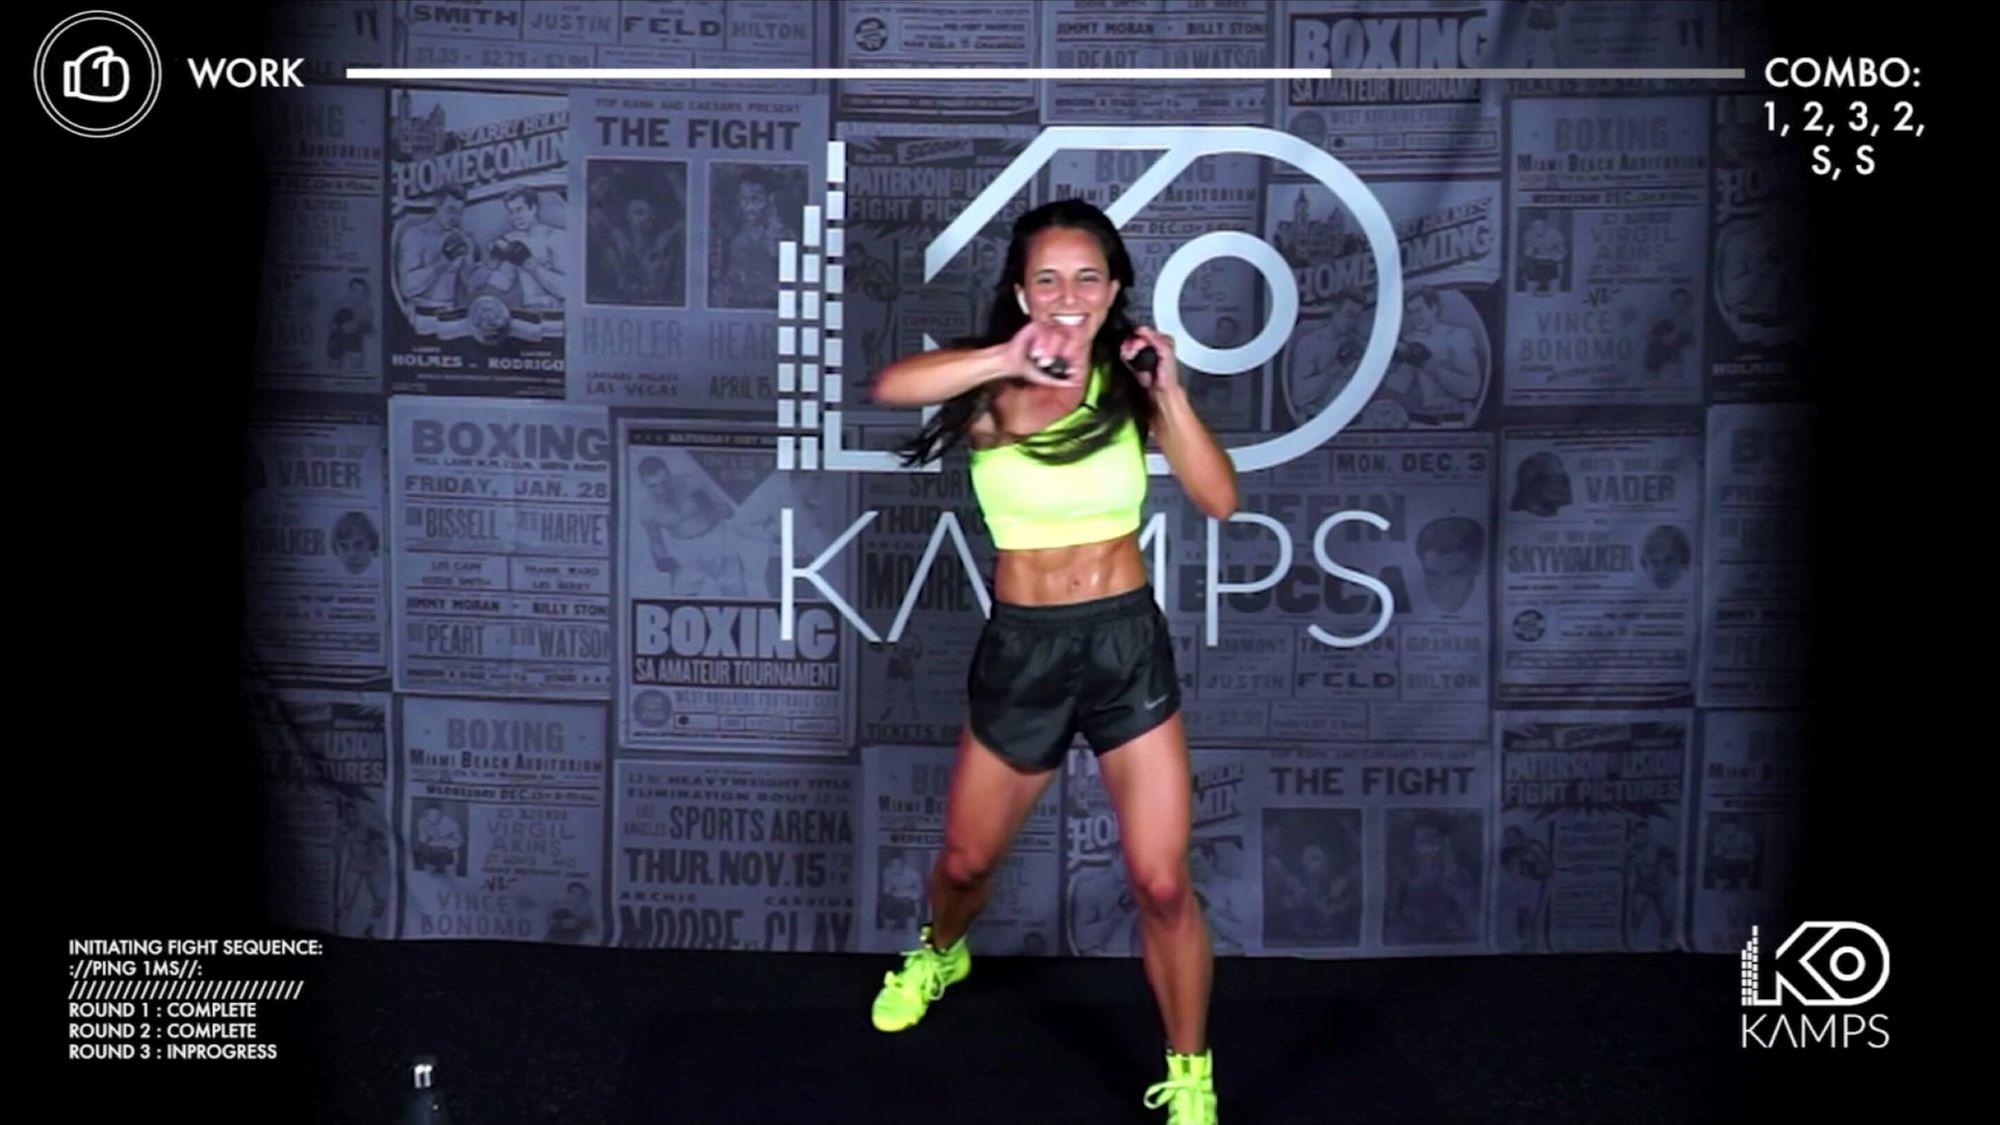 Kamps Fitness KO